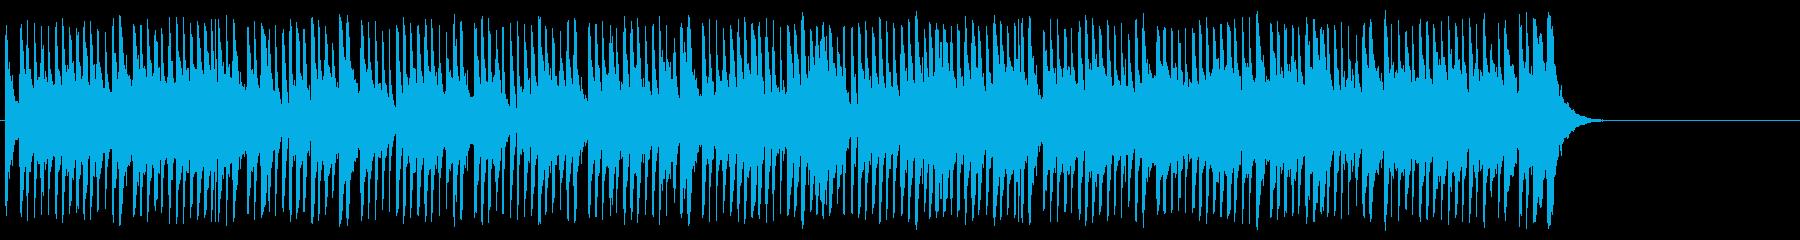 お洒落なポップ/ボサノバ/BGの再生済みの波形